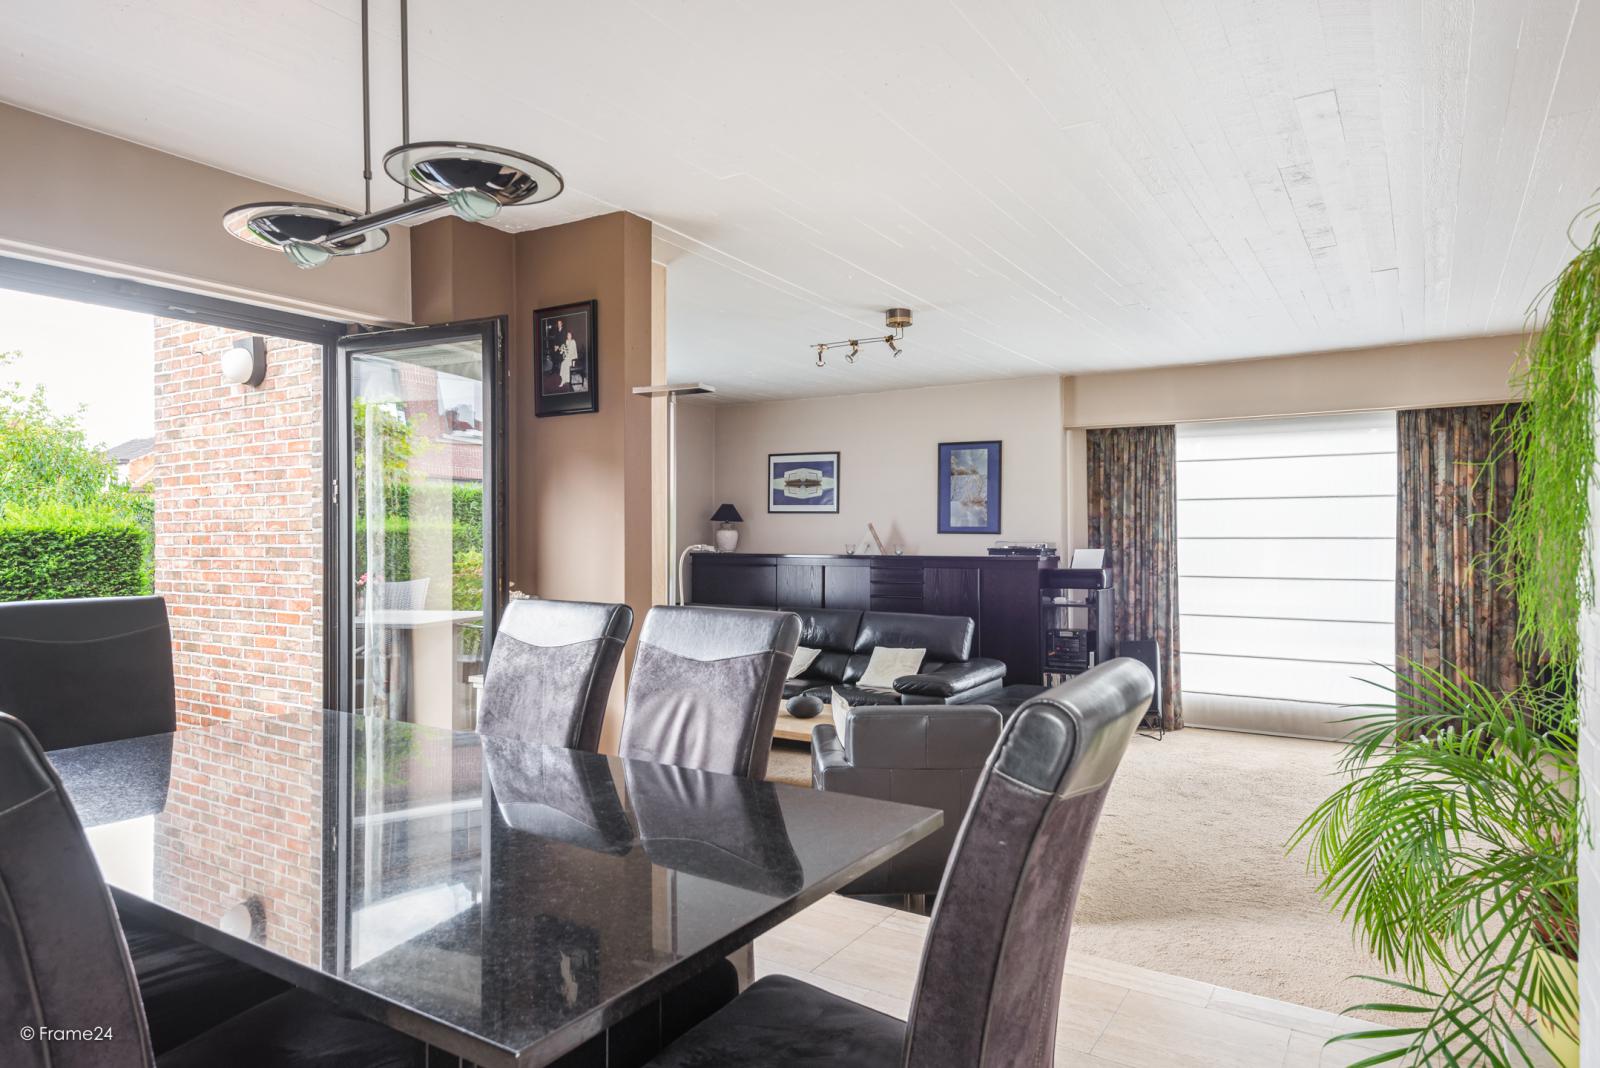 Zeer verzorgde halfopen woning met 4 slaapkamers en gelegen op een hoekperceel van 457 m²! afbeelding 7